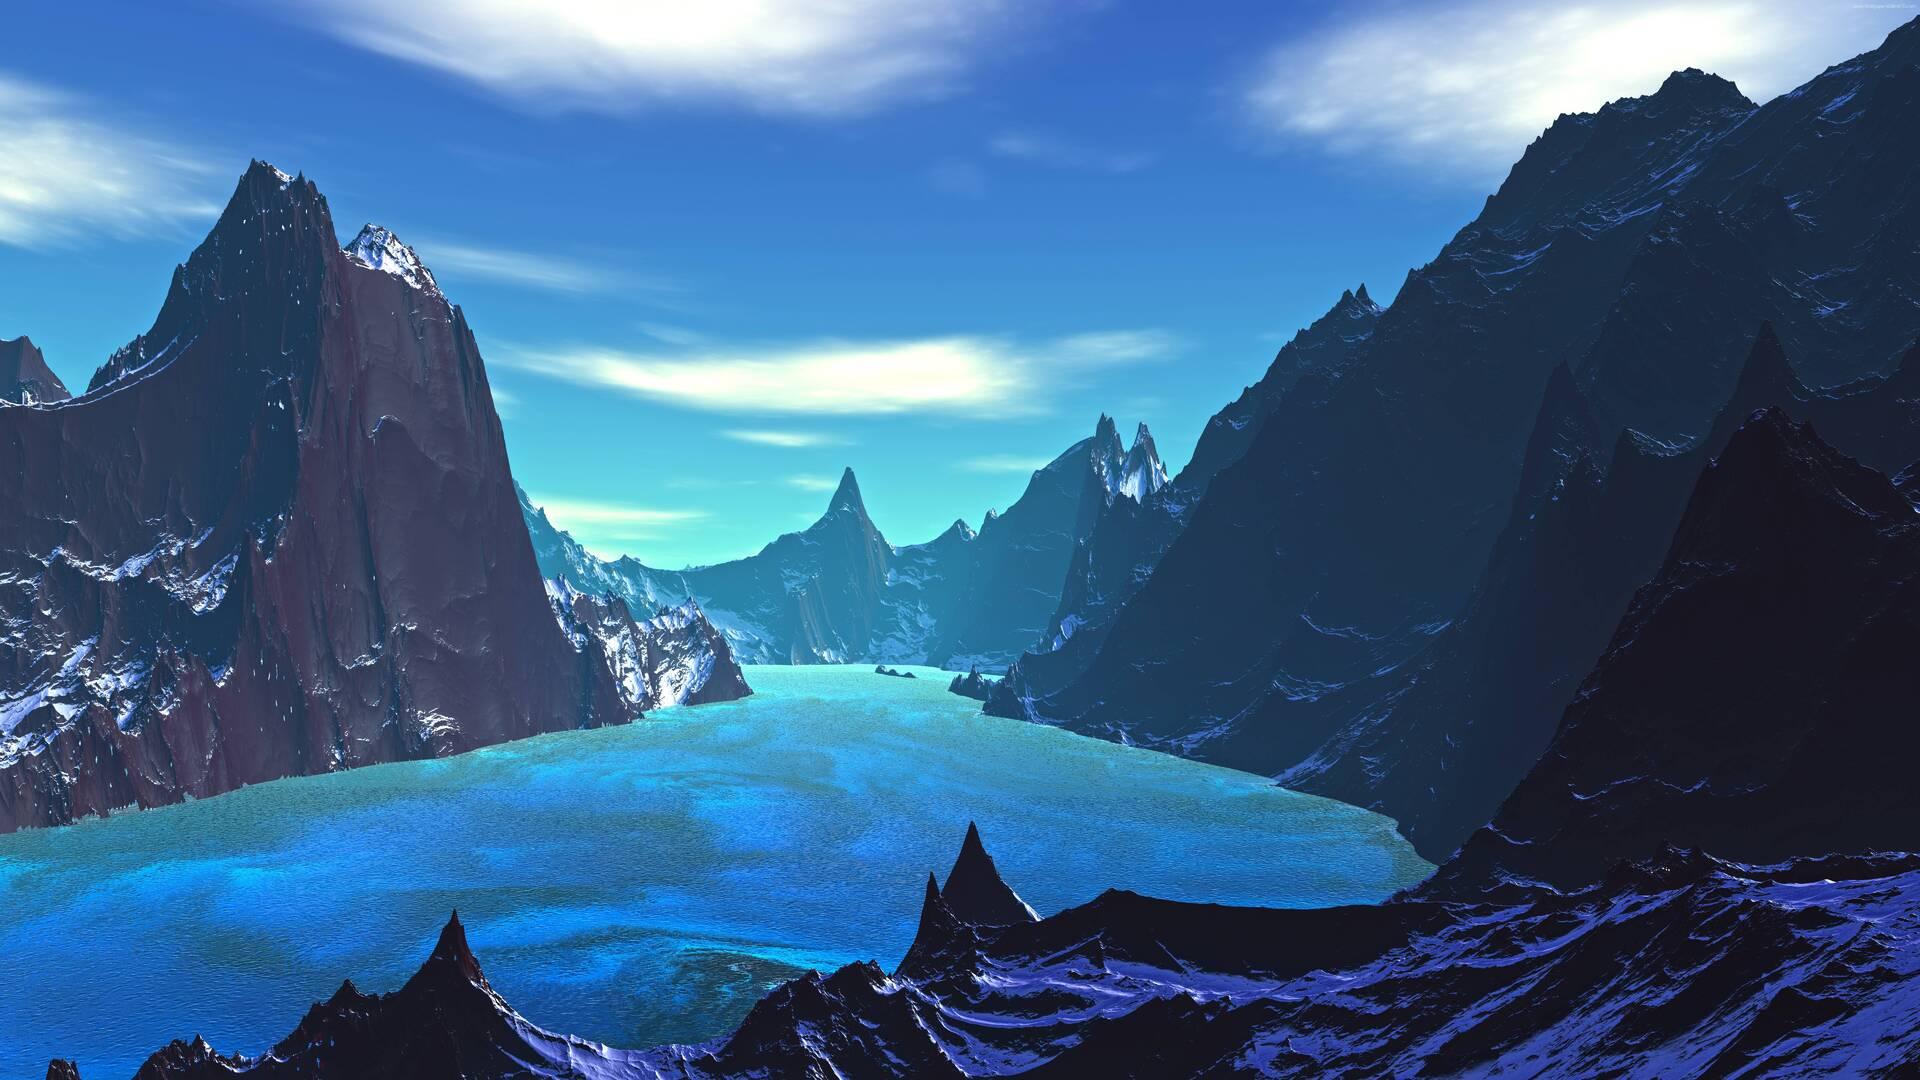 lake-8k-blue-landscape-artistic-vn.jpg